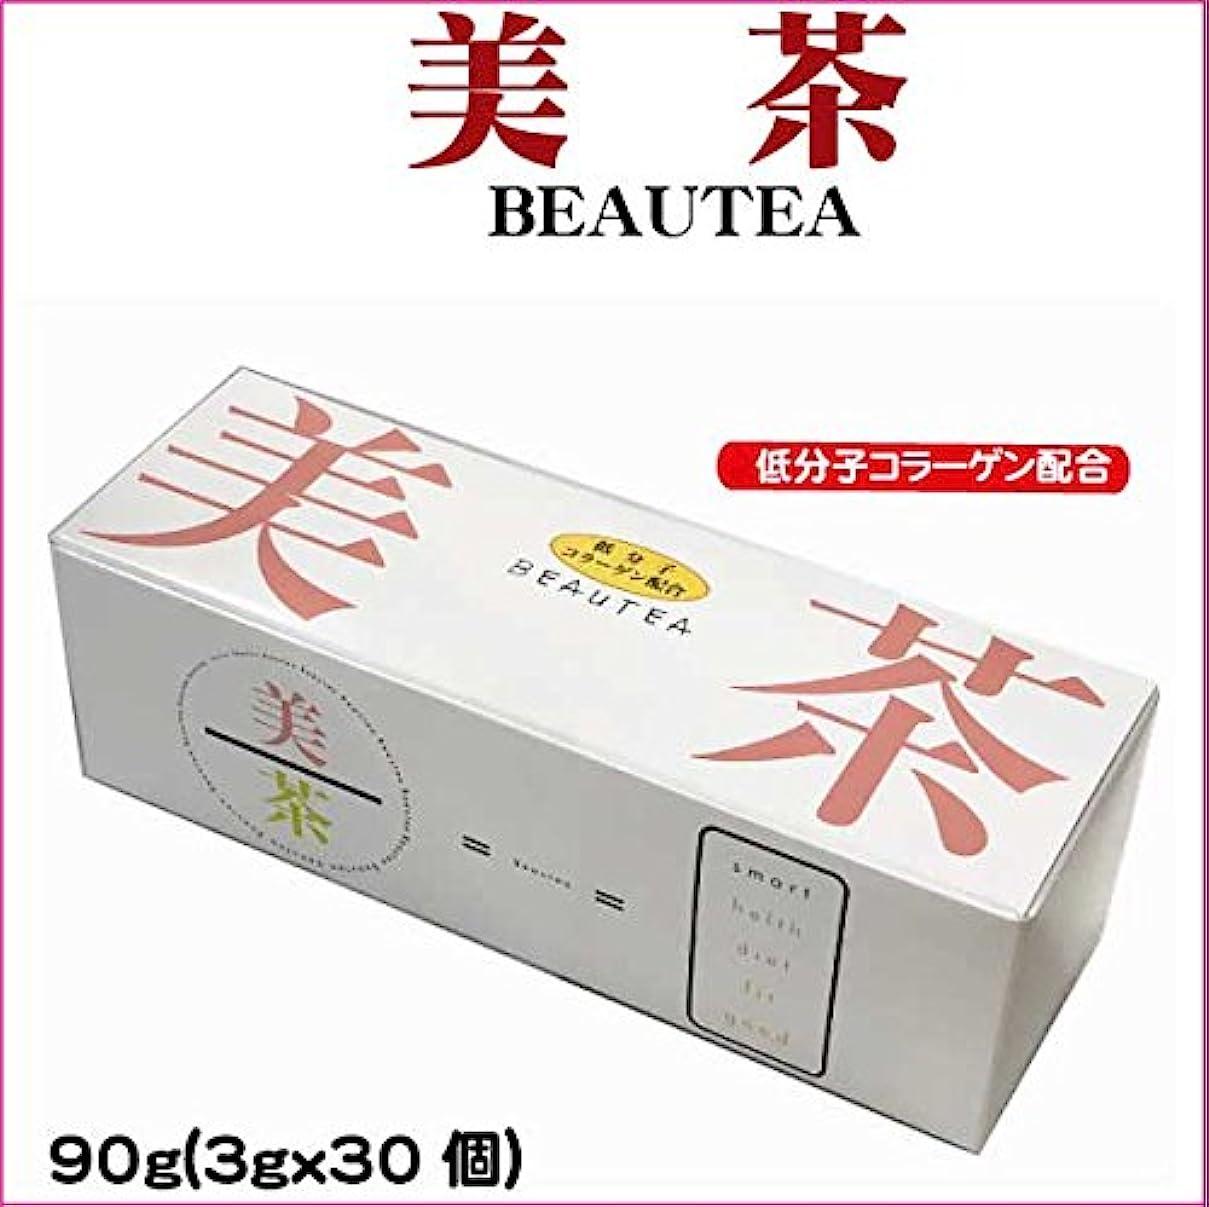 すきスキップ詐欺ダイエット茶  美茶(beautea)  ほうじ茶ベース?3gX30包み 1箱